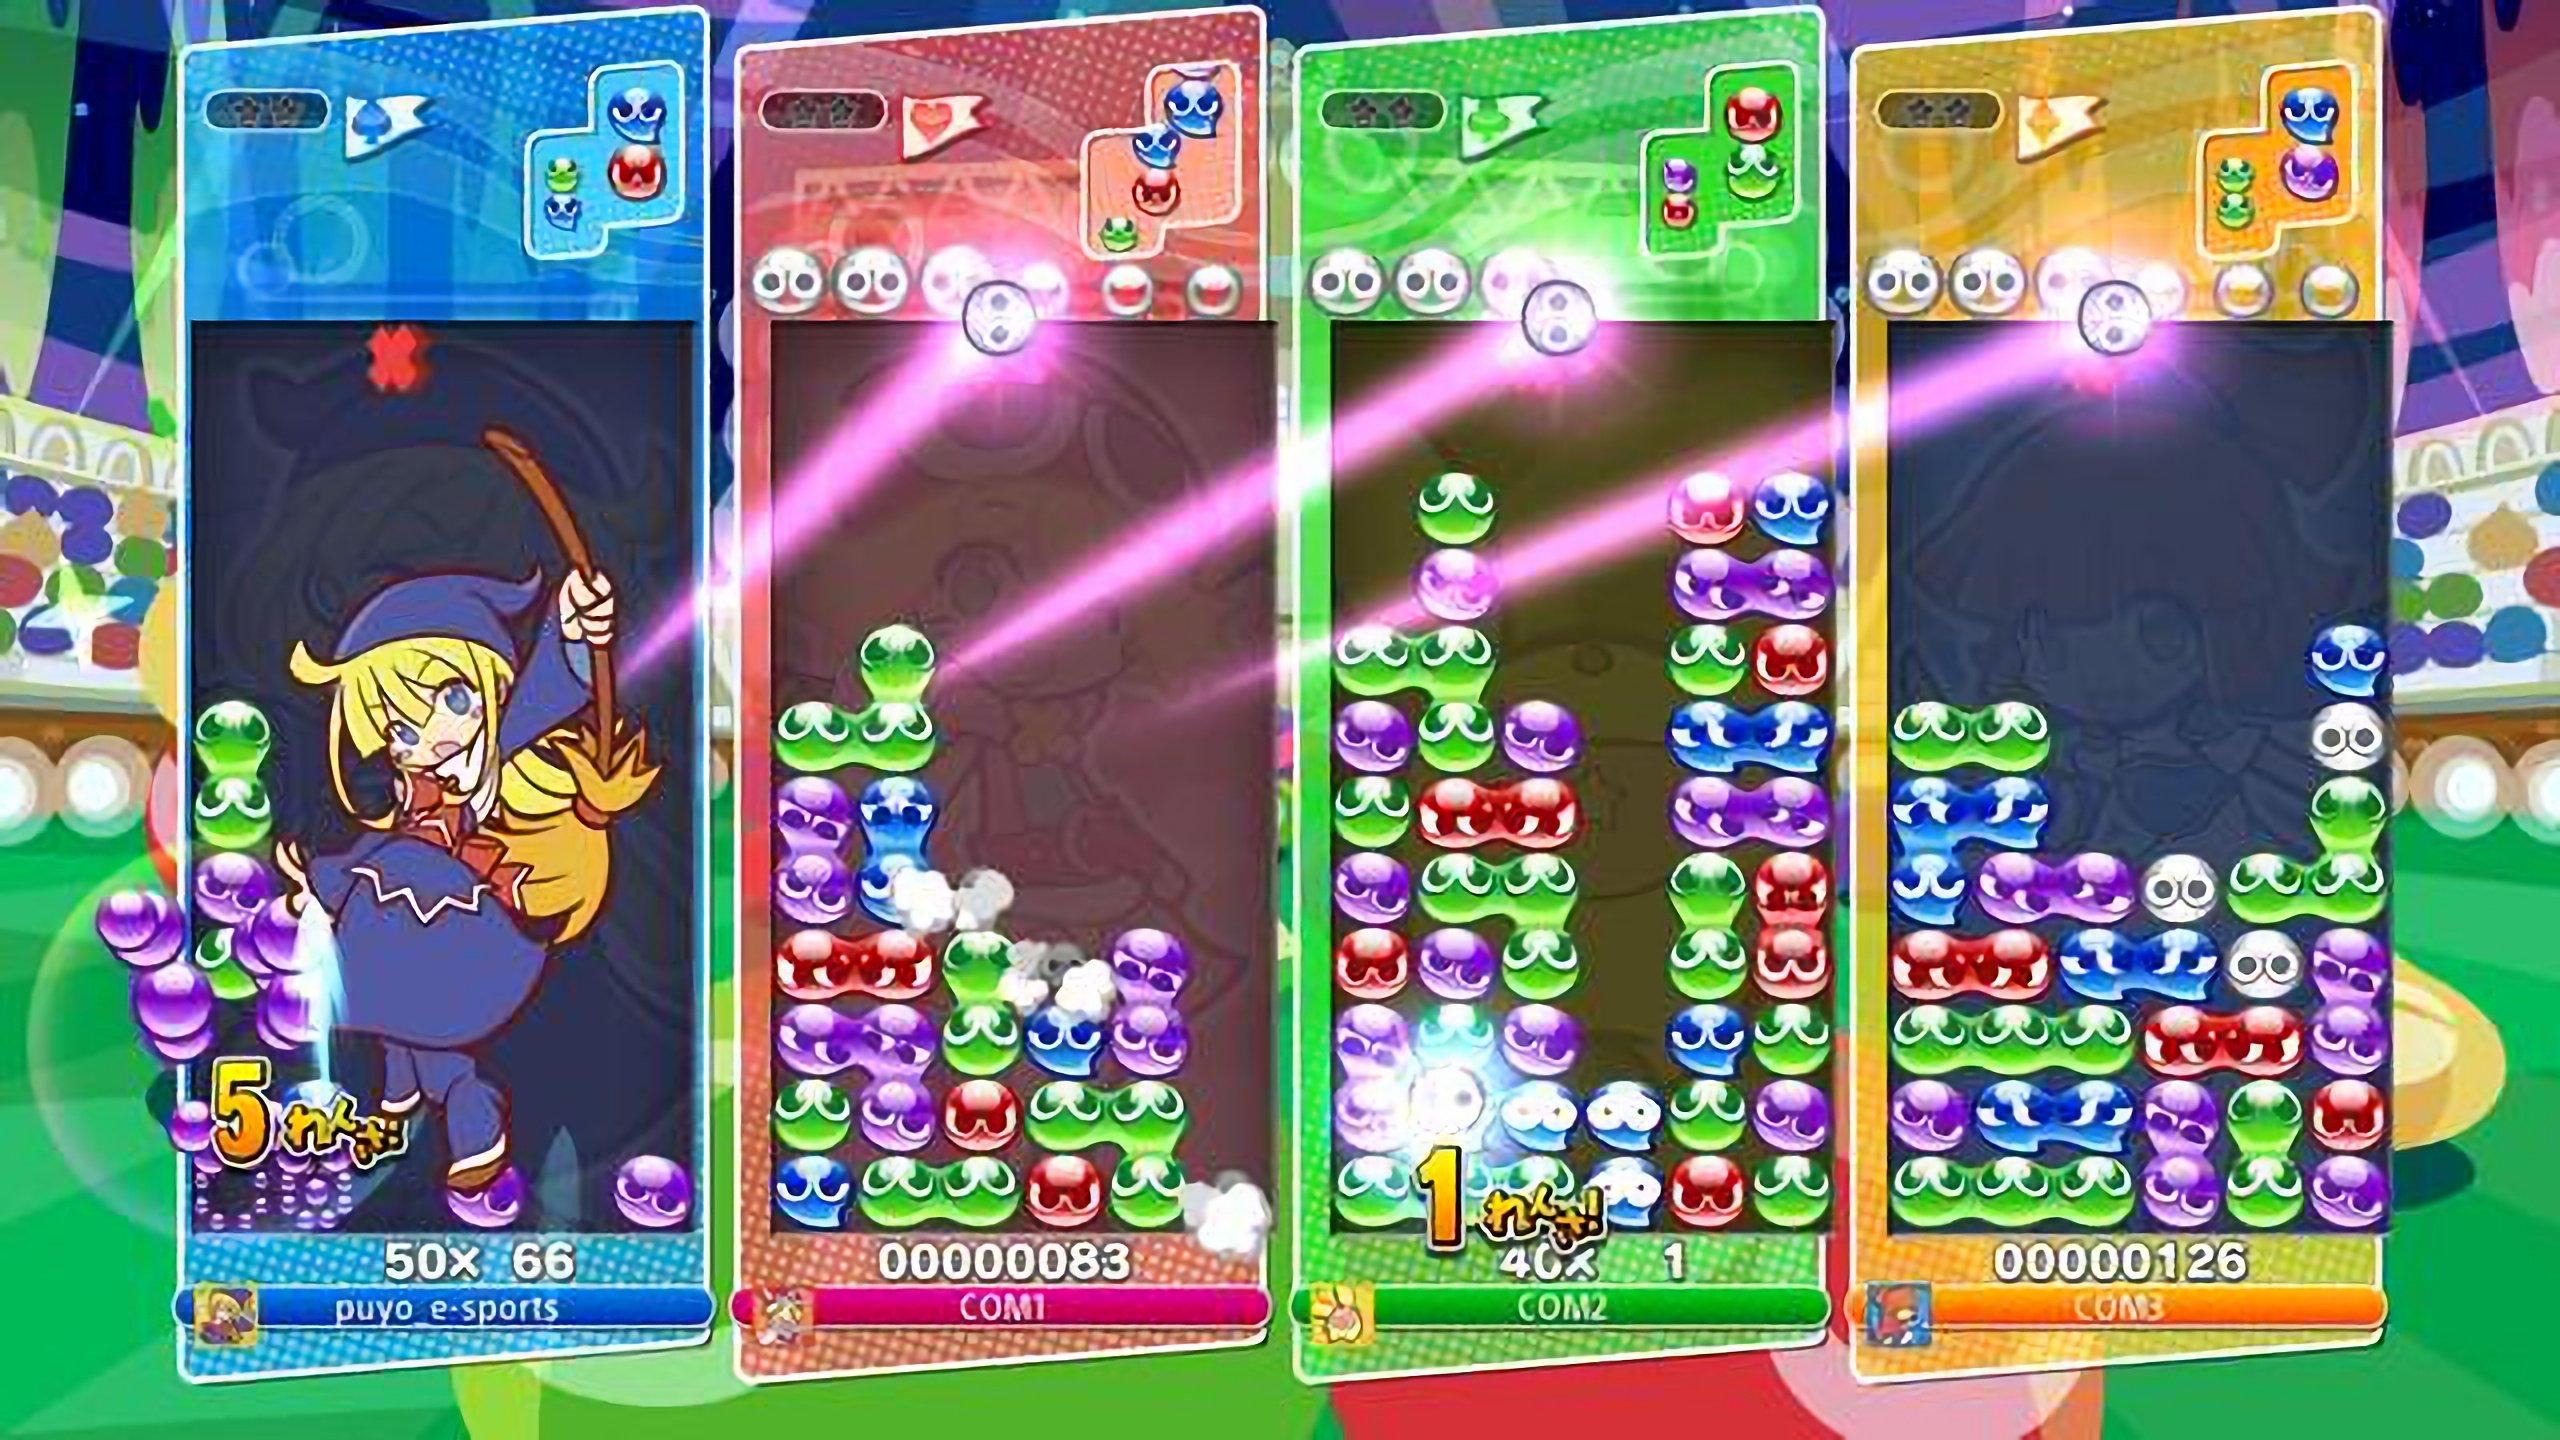 Game image Puyo Puyo